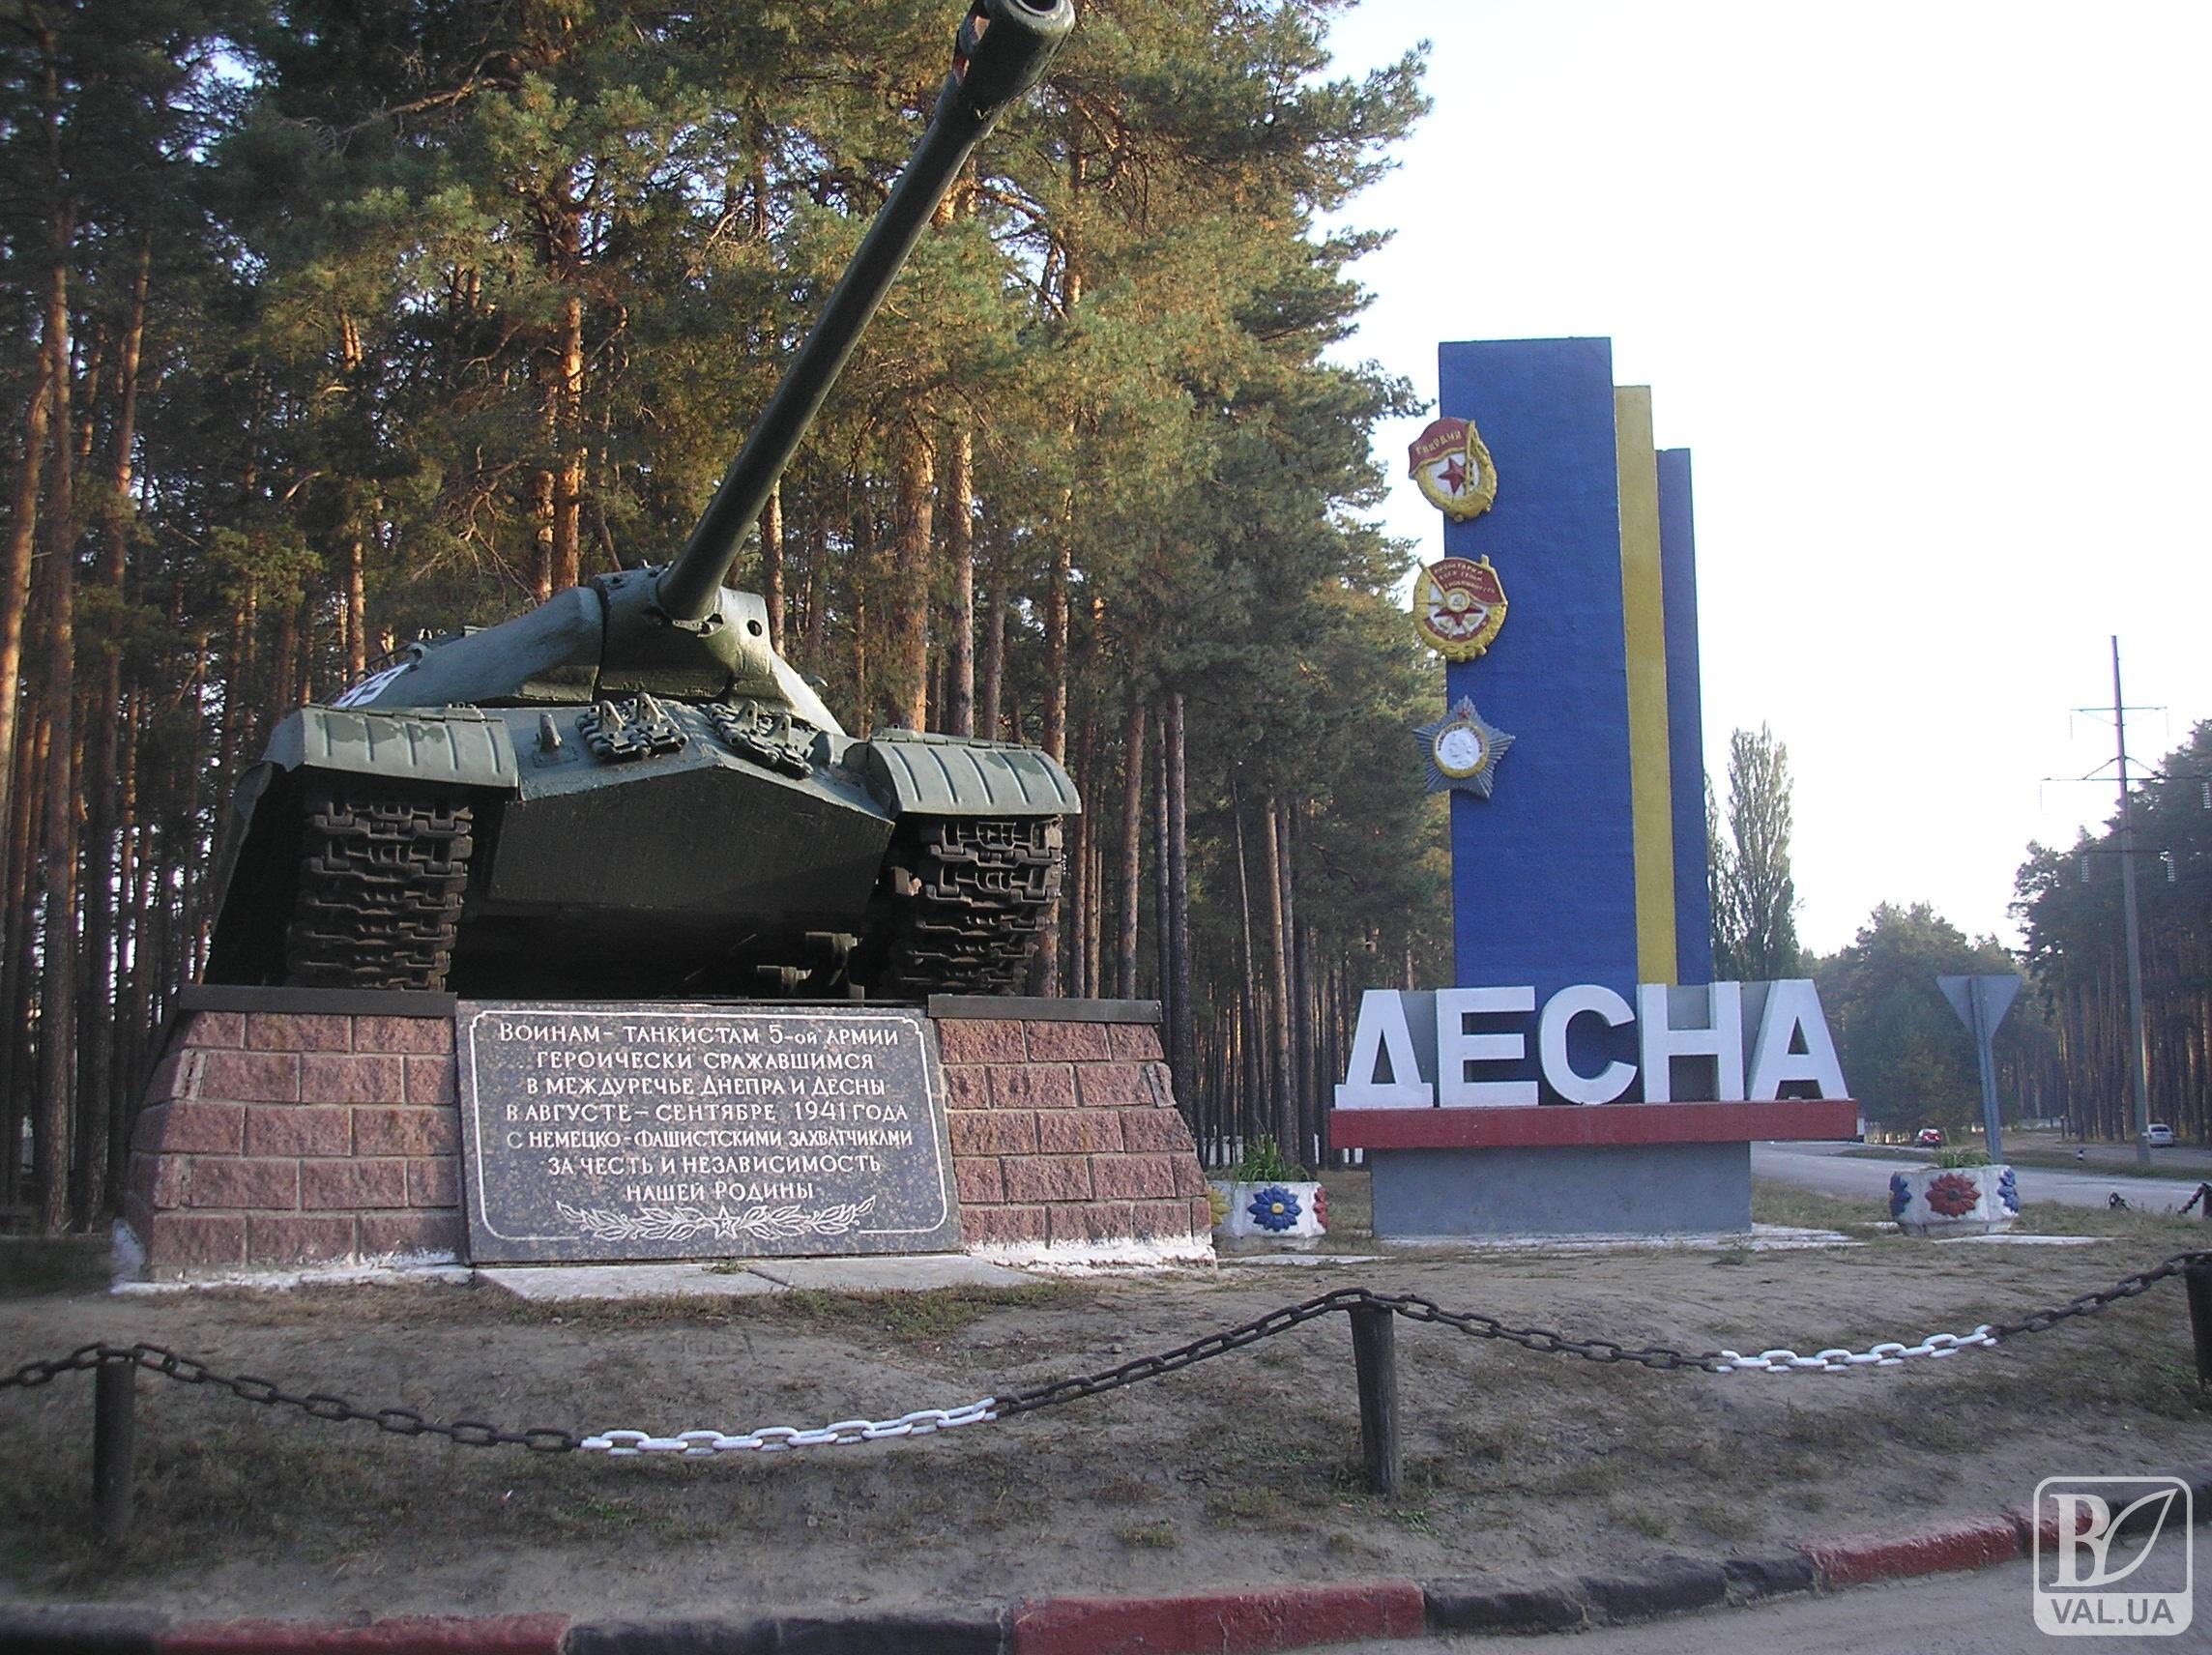 Начштаб навчального центру «Десна» потрапив під приціл військової прокуратури